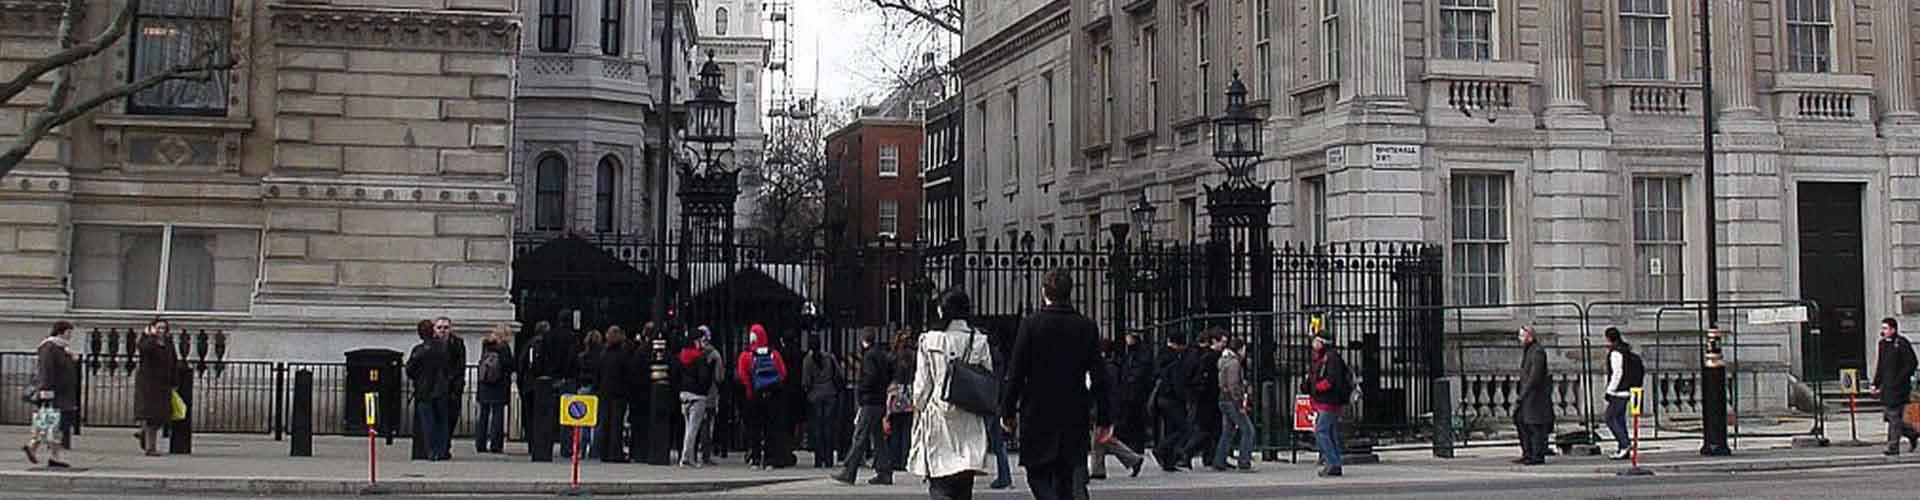 런던 - 다우닝가 10번지 와 가까운 호스텔. 런던의 지도, 런던에 위치한 호스텔 사진 및 후기 정보.